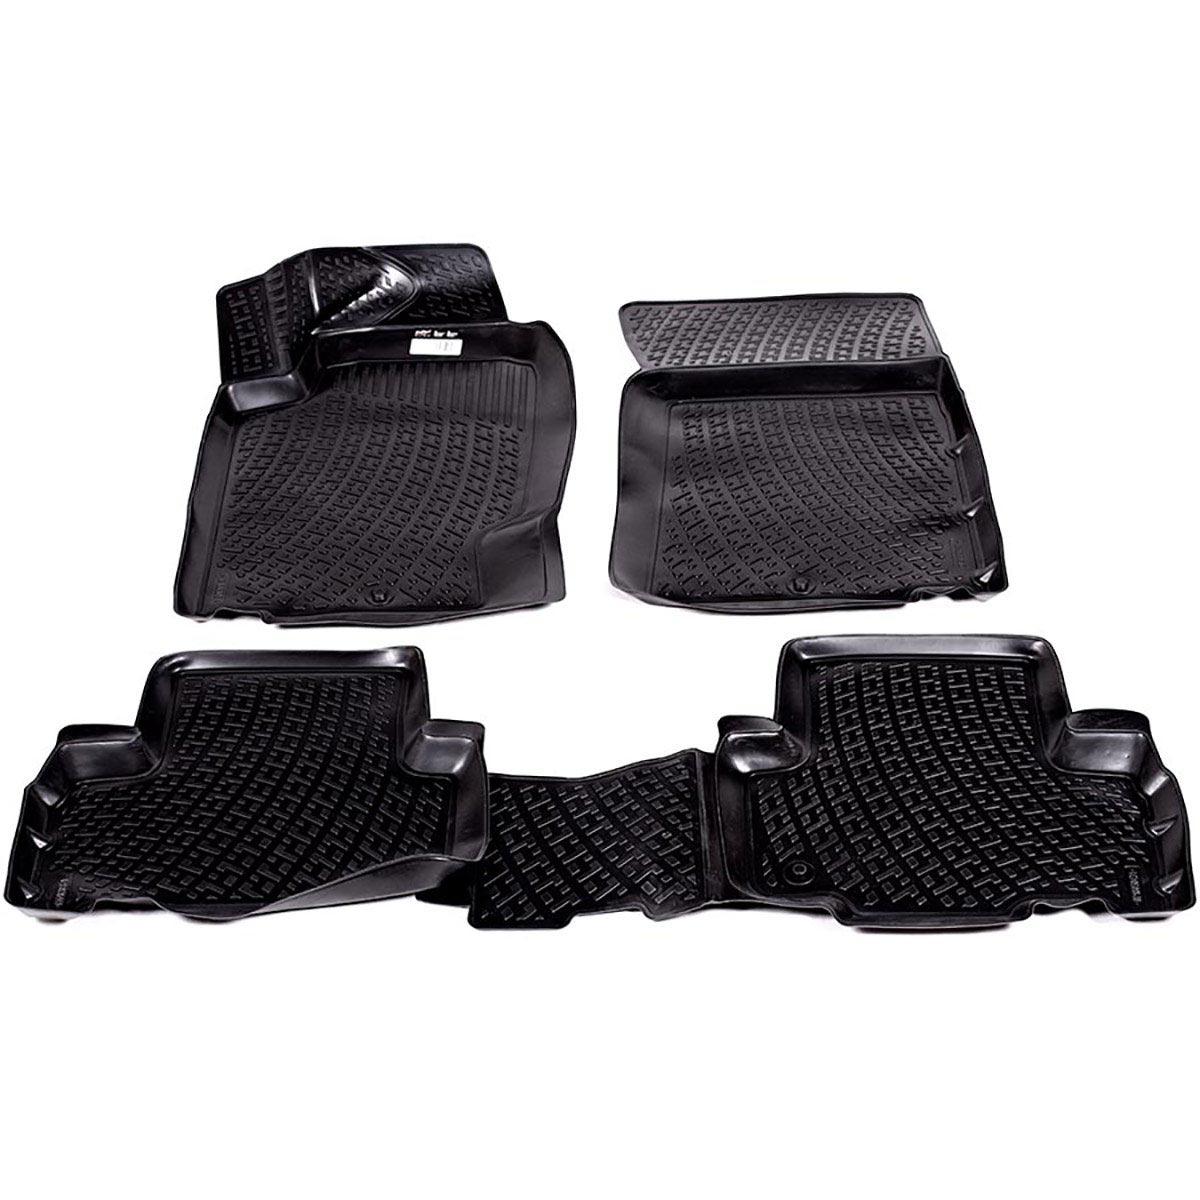 Коврики в салон автомобиля L.Locker, для SangYong Rexton II (07-), 4 шт218030401Коврики L.Locker производятся индивидуально для каждой модели автомобиля из современного и экологически чистого материала. Изделия точно повторяют геометрию пола автомобиля, имеют высокий борт, обладают повышенной износоустойчивостью, антискользящими свойствами, лишены резкого запаха и сохраняют свои потребительские свойства в широком диапазоне температур (от -50°С до +80°С). Рисунок ковриков специально спроектирован для уменьшения скольжения ног водителя и имеет достаточную глубину, препятствующую свободному перемещению жидкости и грязи на поверхности. Одновременно с этим рисунок не создает дискомфорта при вождении автомобиля. Водительский ковер с предустановленными креплениями фиксируется на штатные места в полу салона автомобиля. Новая технология системы креплений герметична, не дает влаге и грязи проникать внутрь через крепеж на обшивку пола.